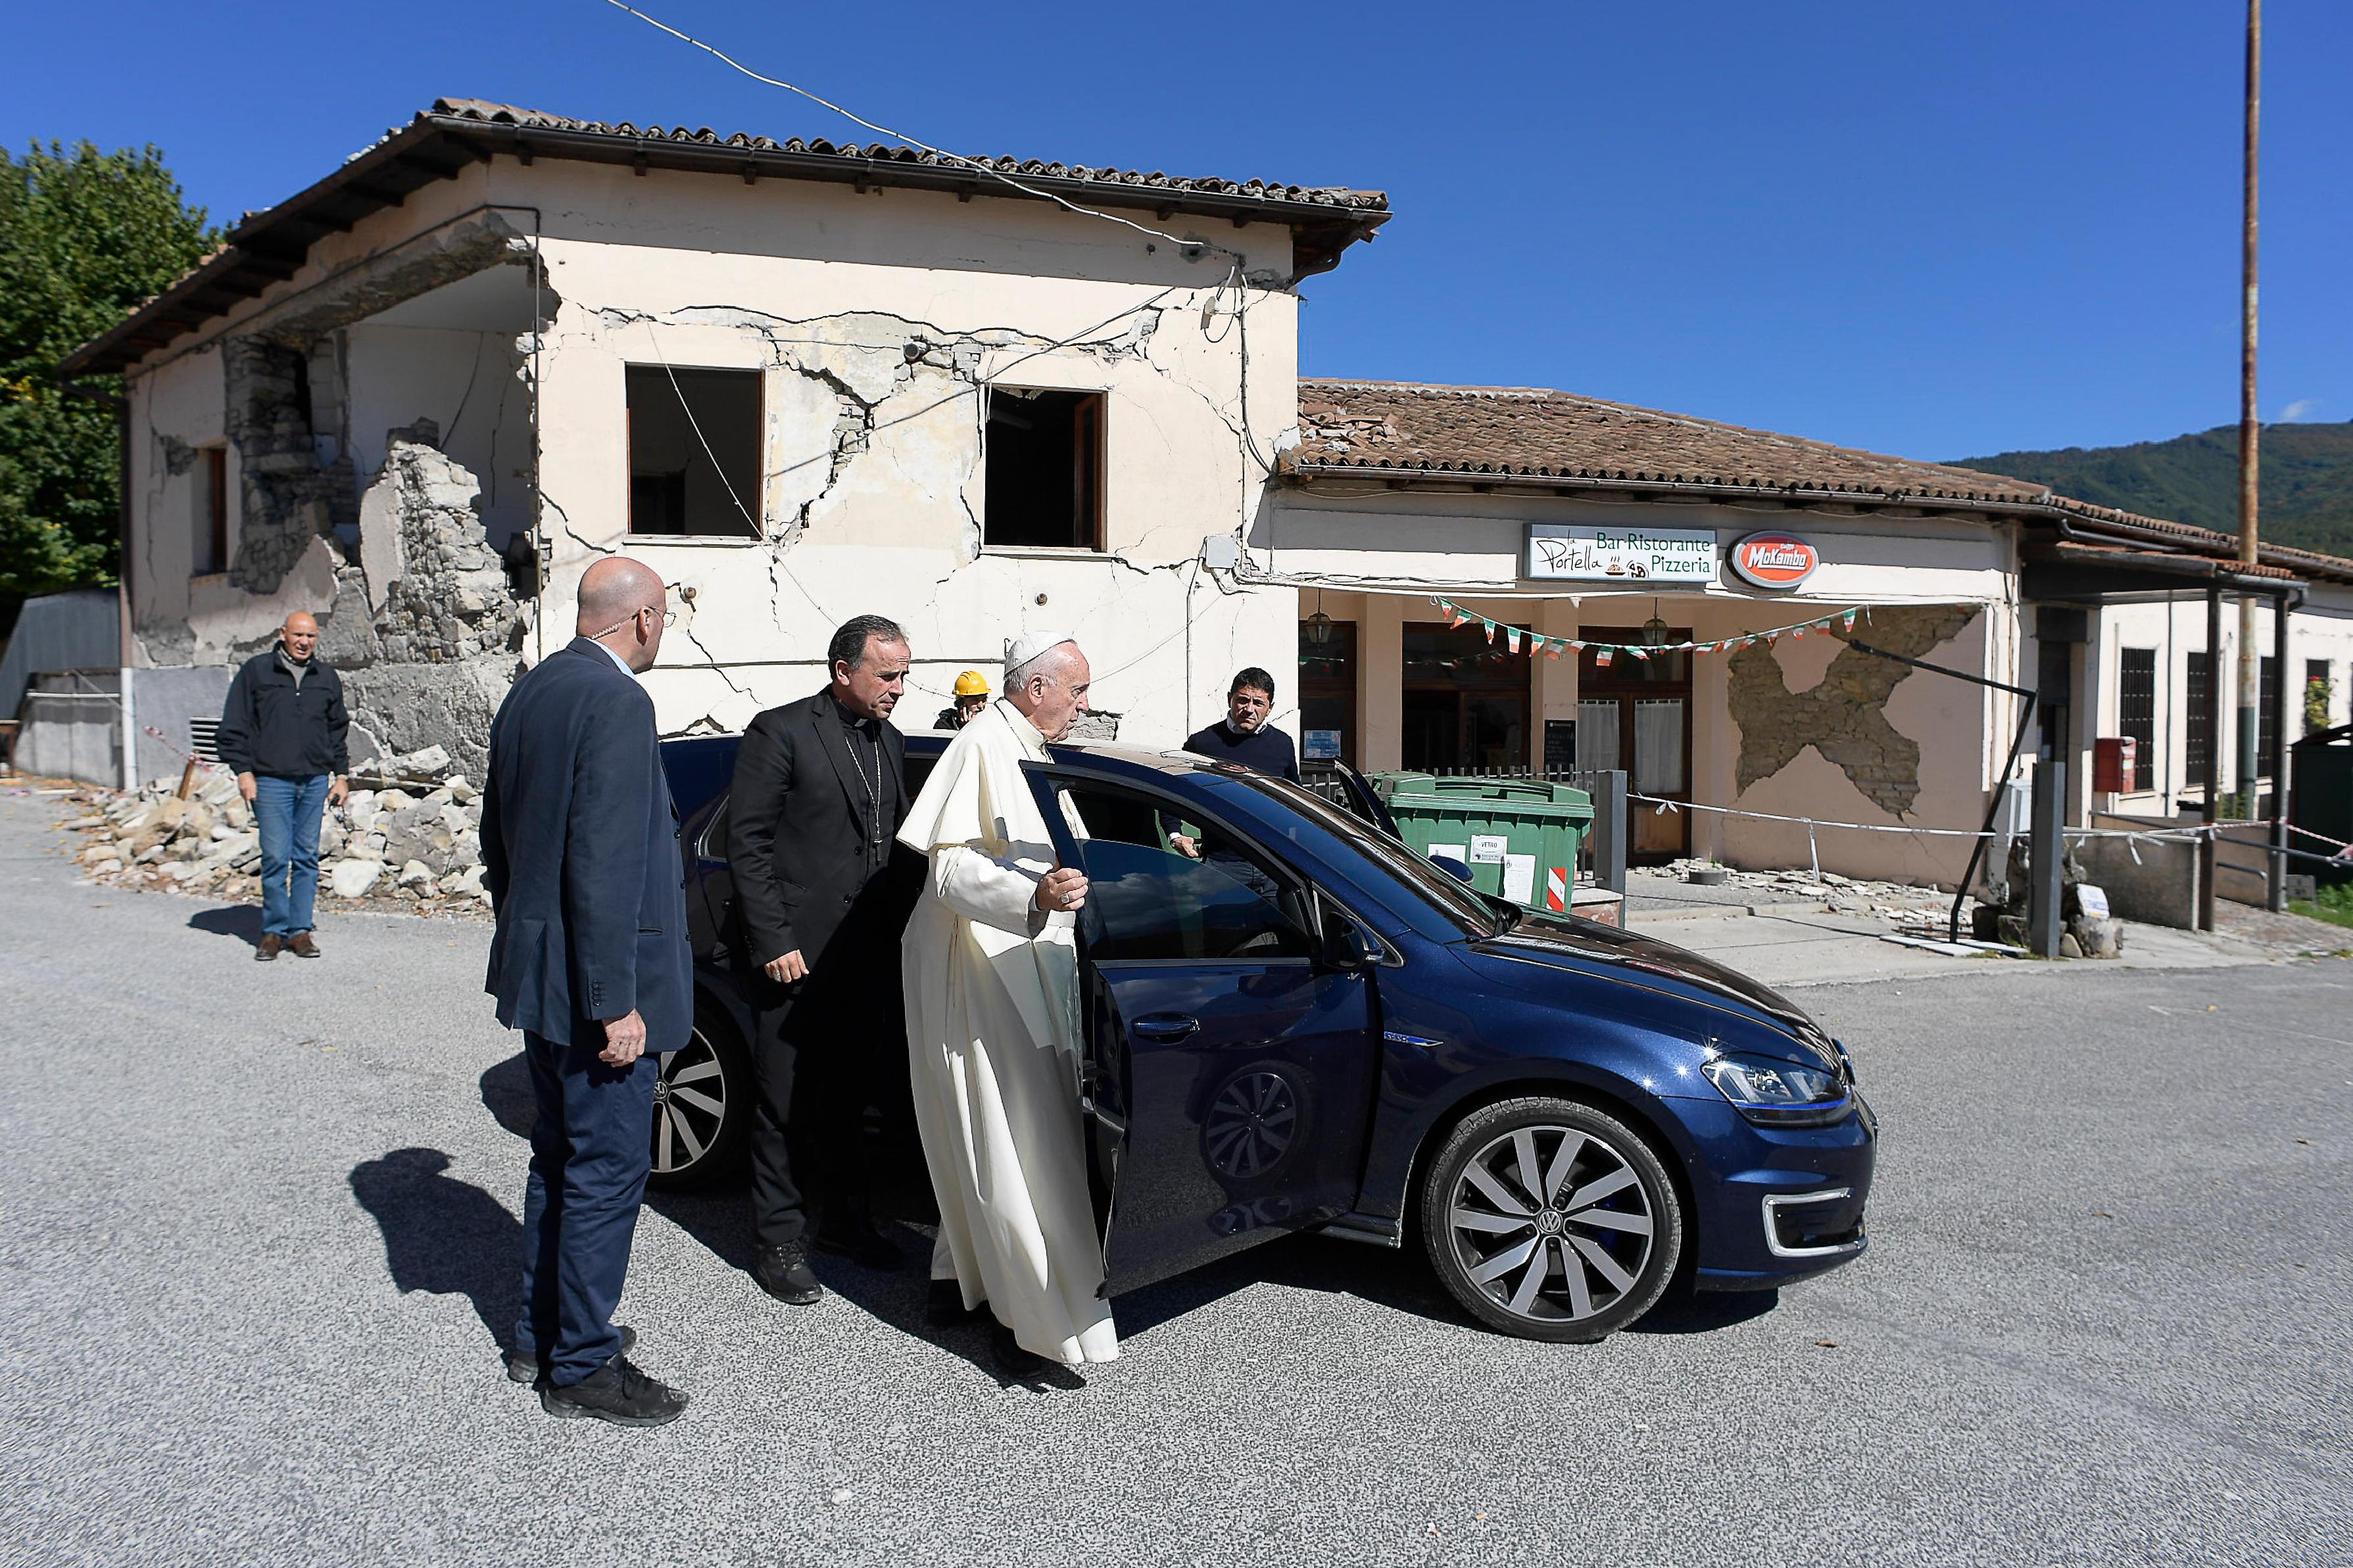 Le pape en visite dans le centre de l'Italie après le séisme @ L'Osservatore Romano